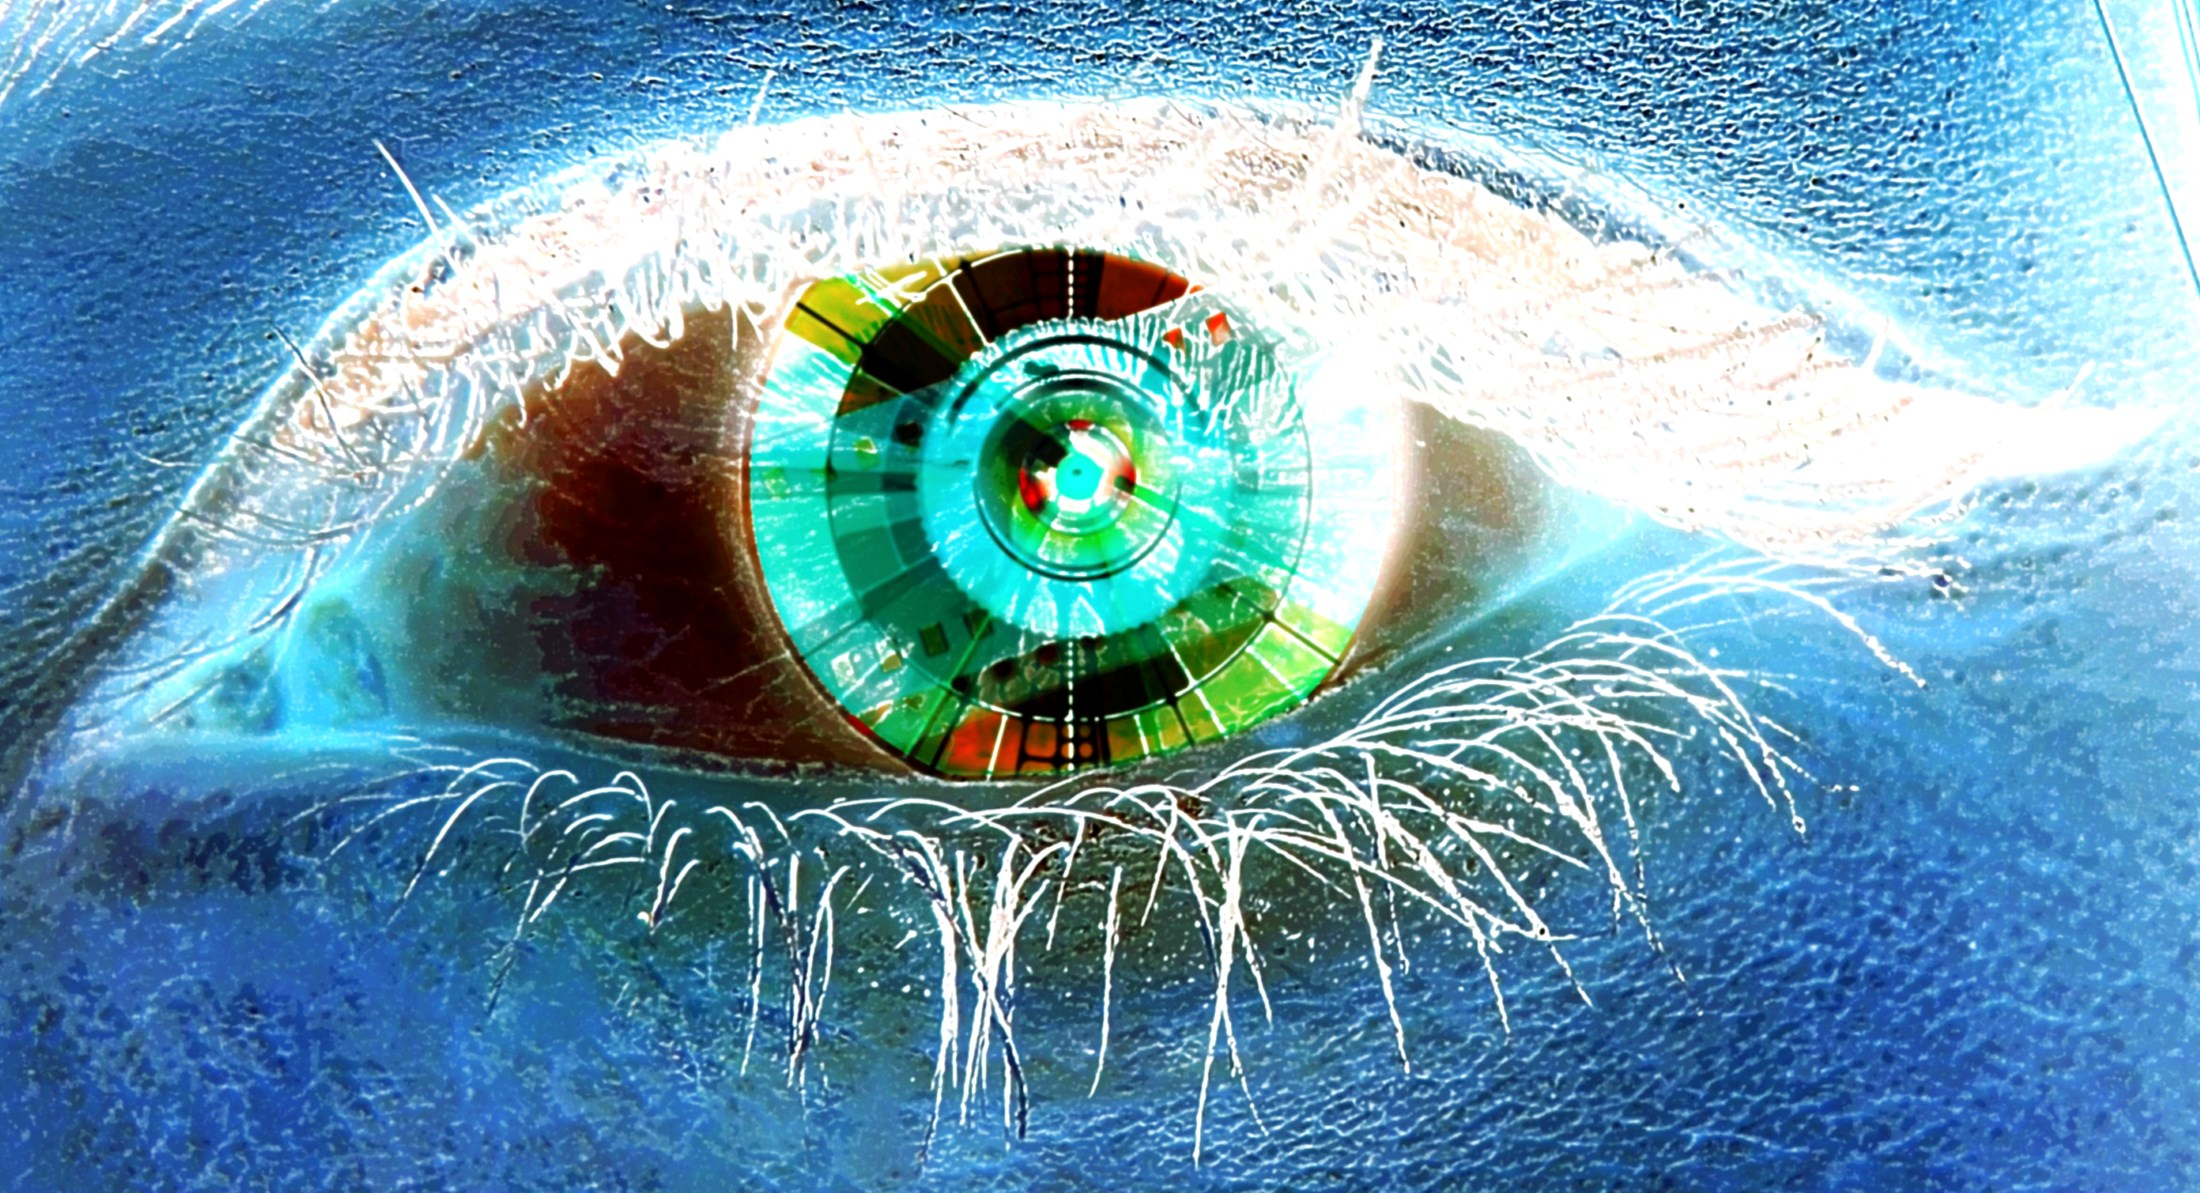 Mensch 2.0 Die Zukunft der Menschheit Humanity Human Kind Singularität Evolution